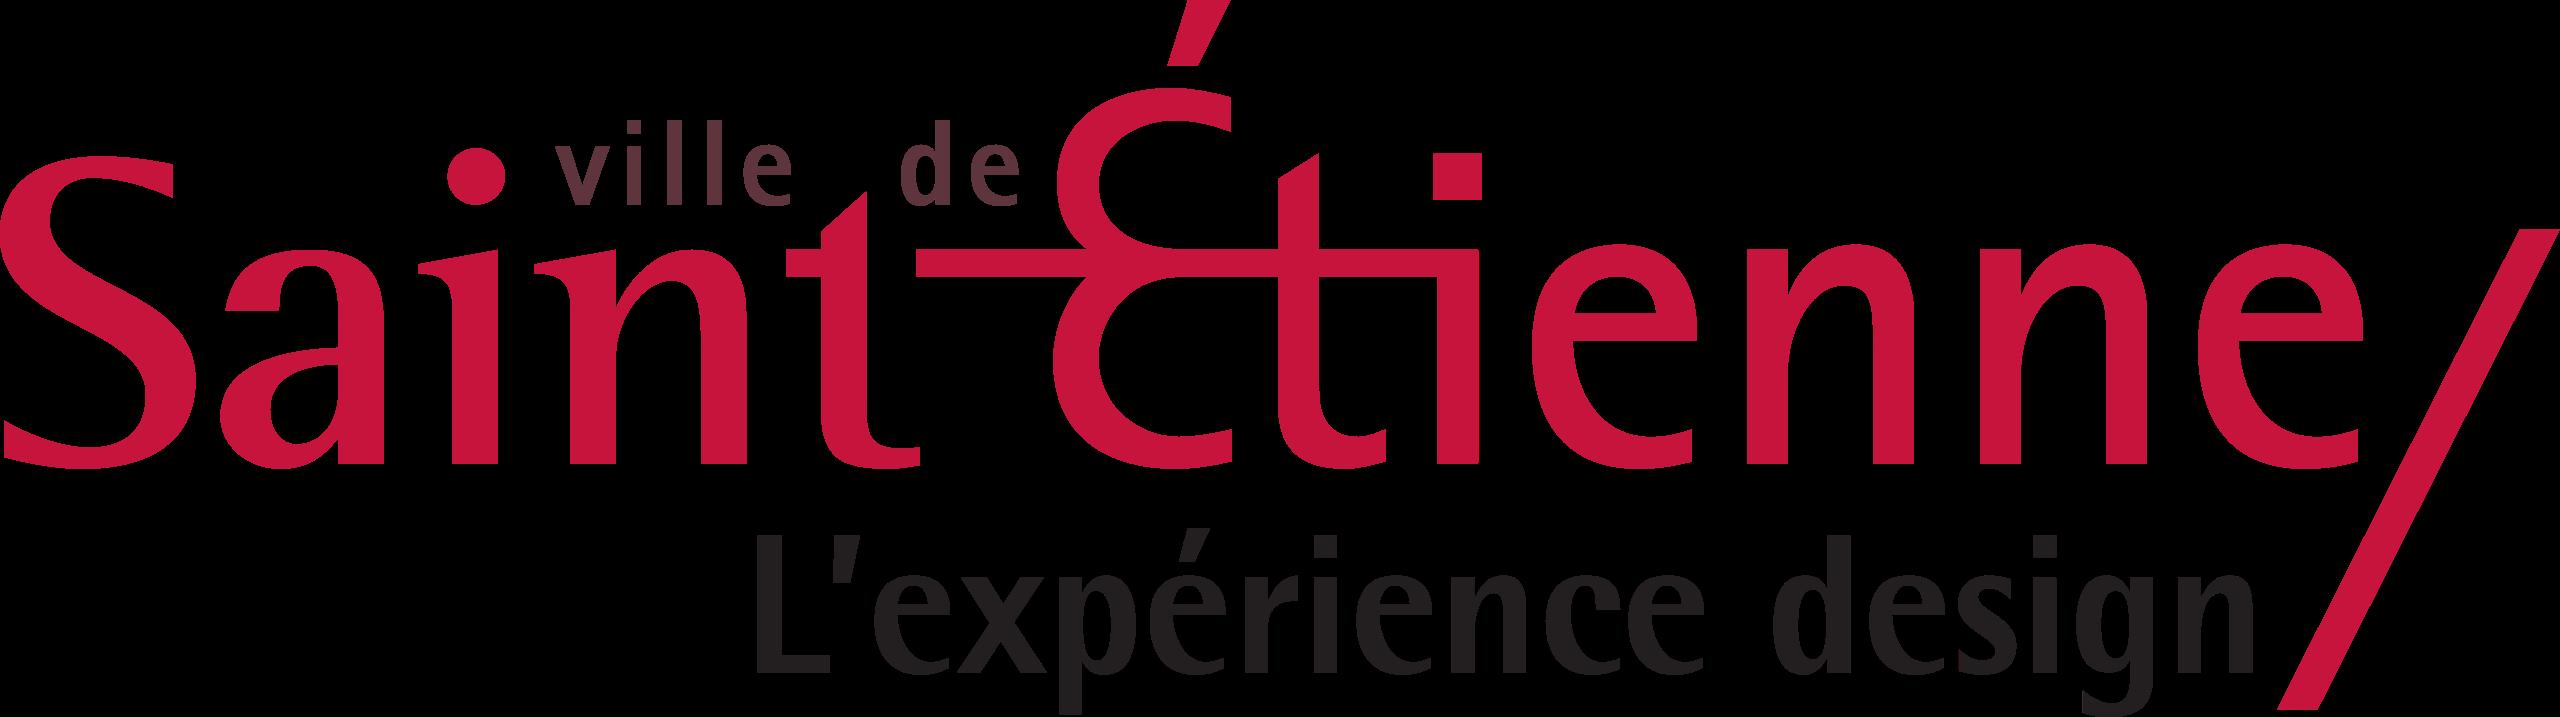 Logo_Saint_Etienne_1.png